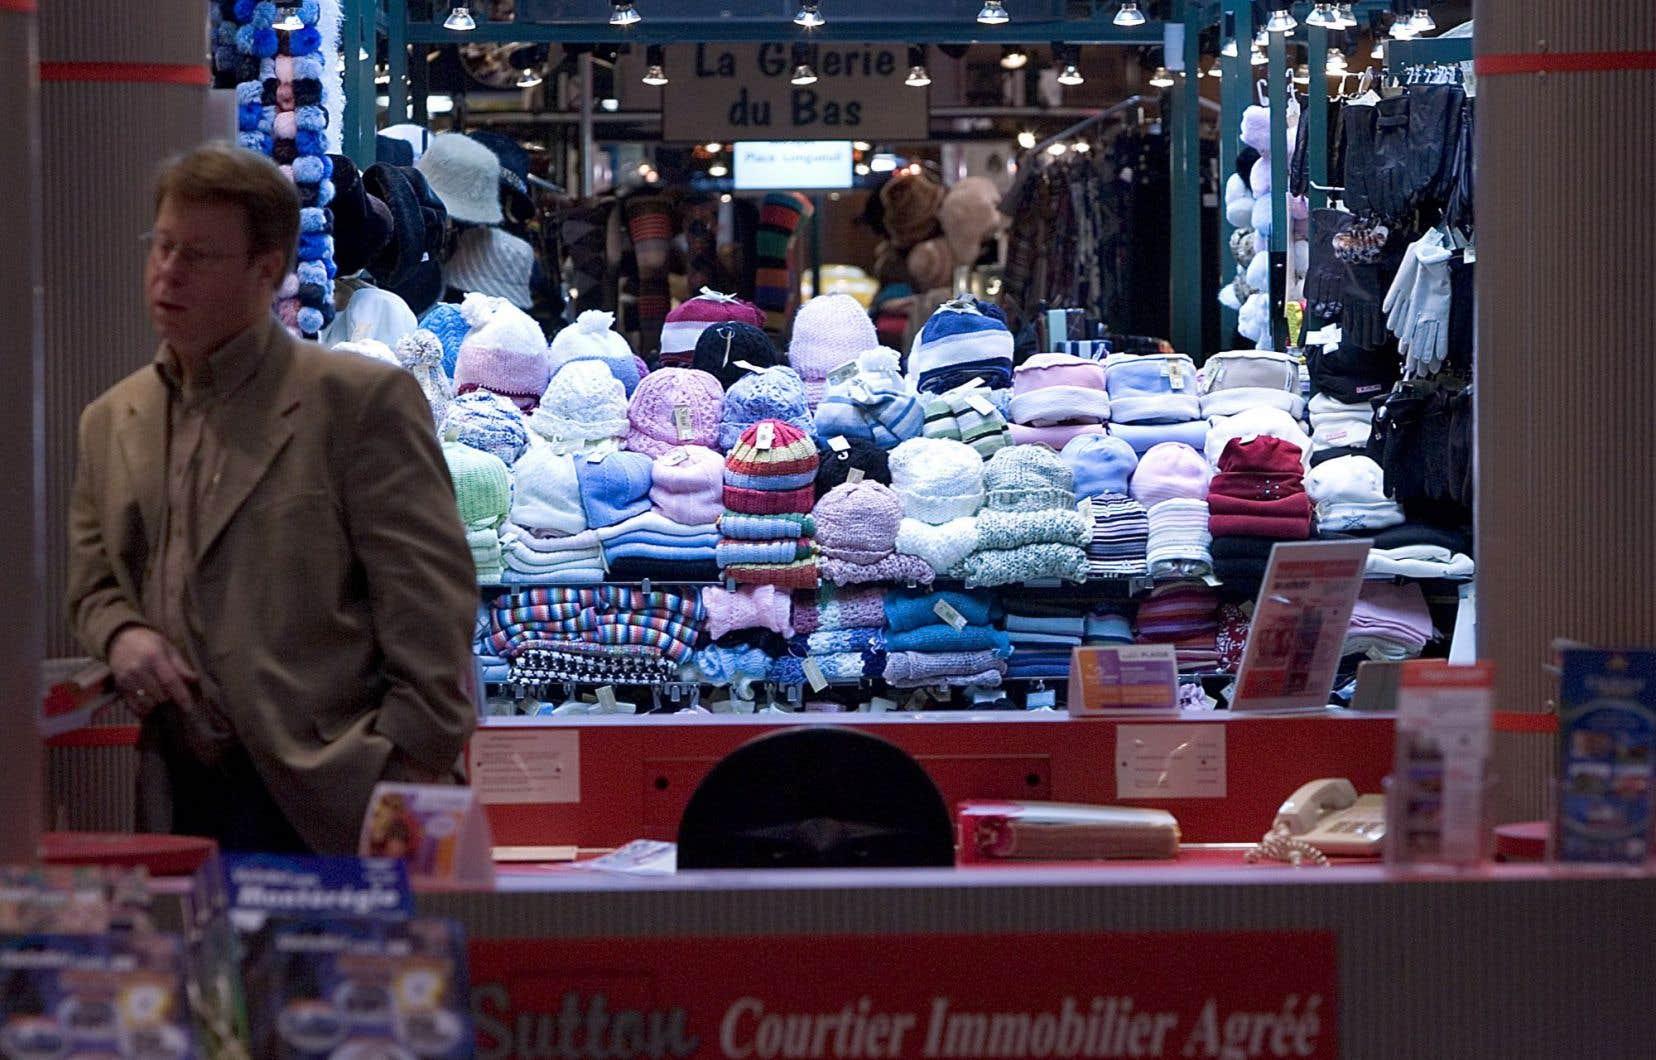 Des hausses notables ont été constatées dans le commerce de détail.